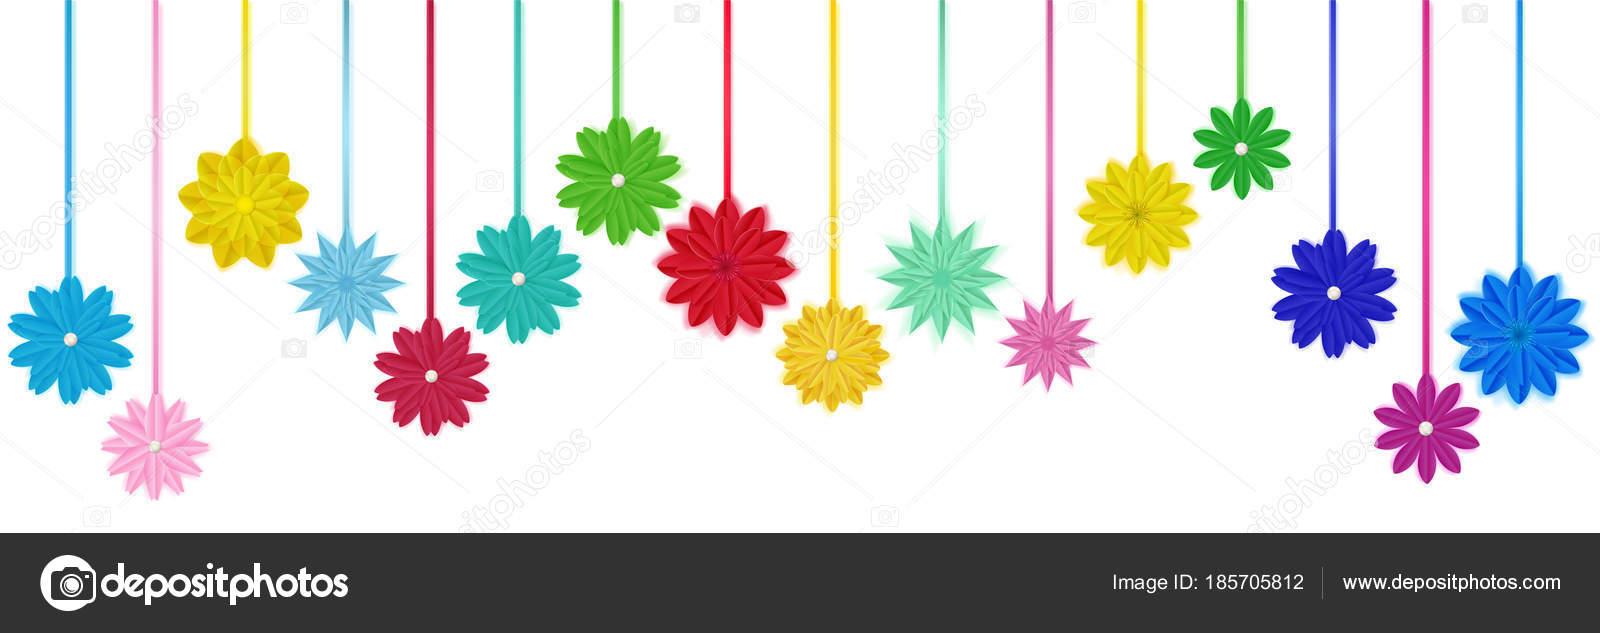 Hanging paper flowers stock vector 31moonlight31 185705812 hanging paper flowers stock vector mightylinksfo